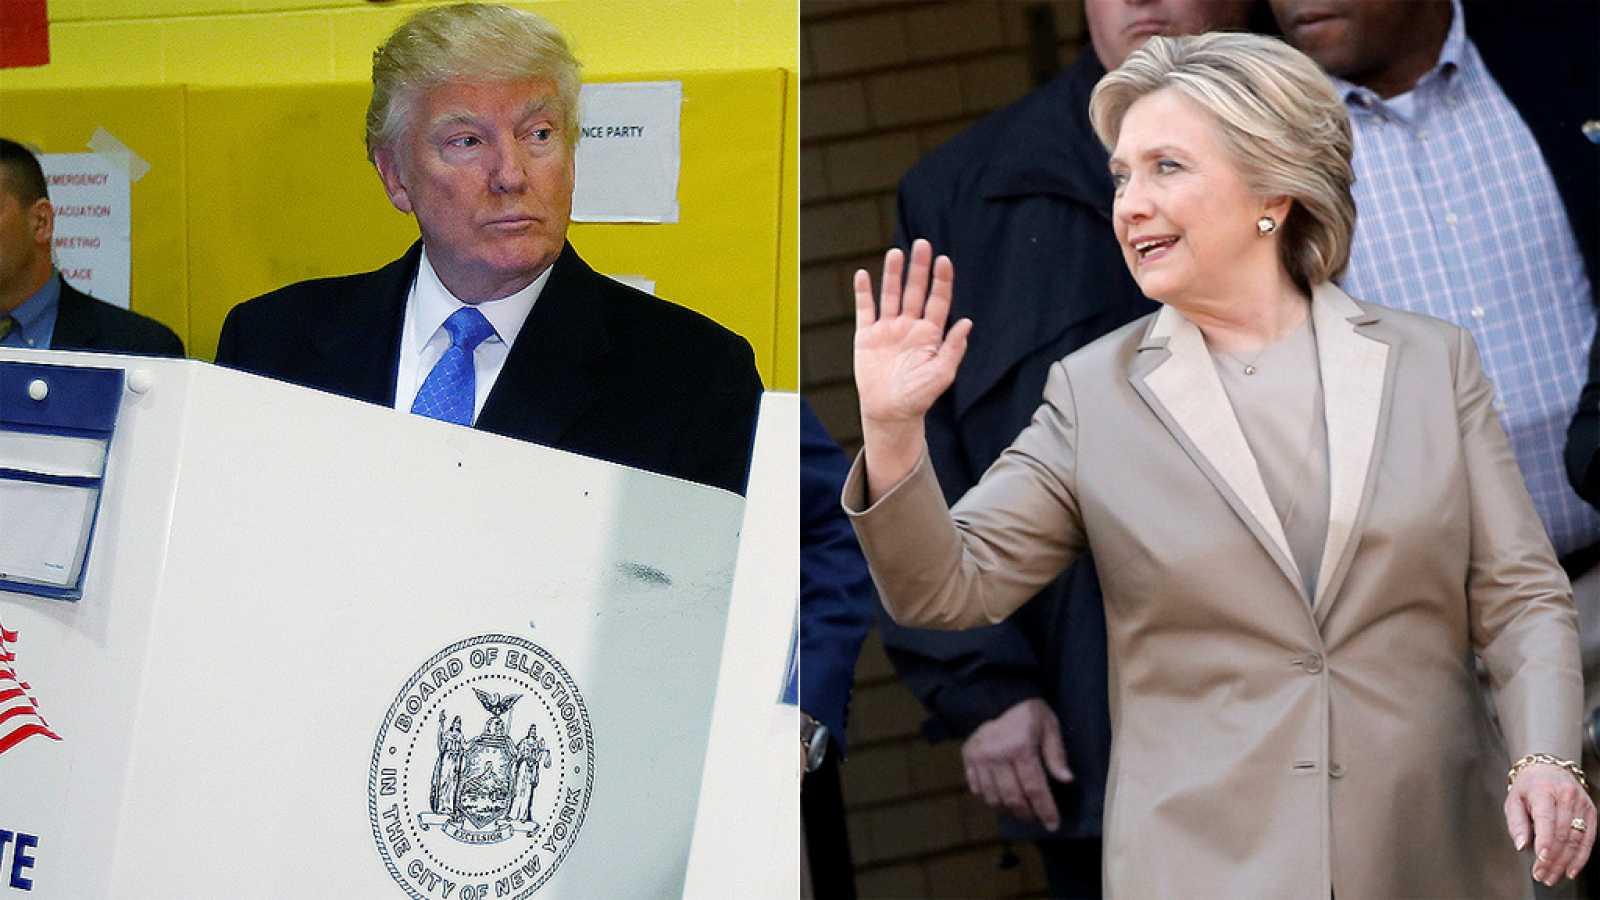 Elecciones EE.UU. 2016: Clinton vota entre aplausos y Trump, que recibe abucheos, denuncia fraude